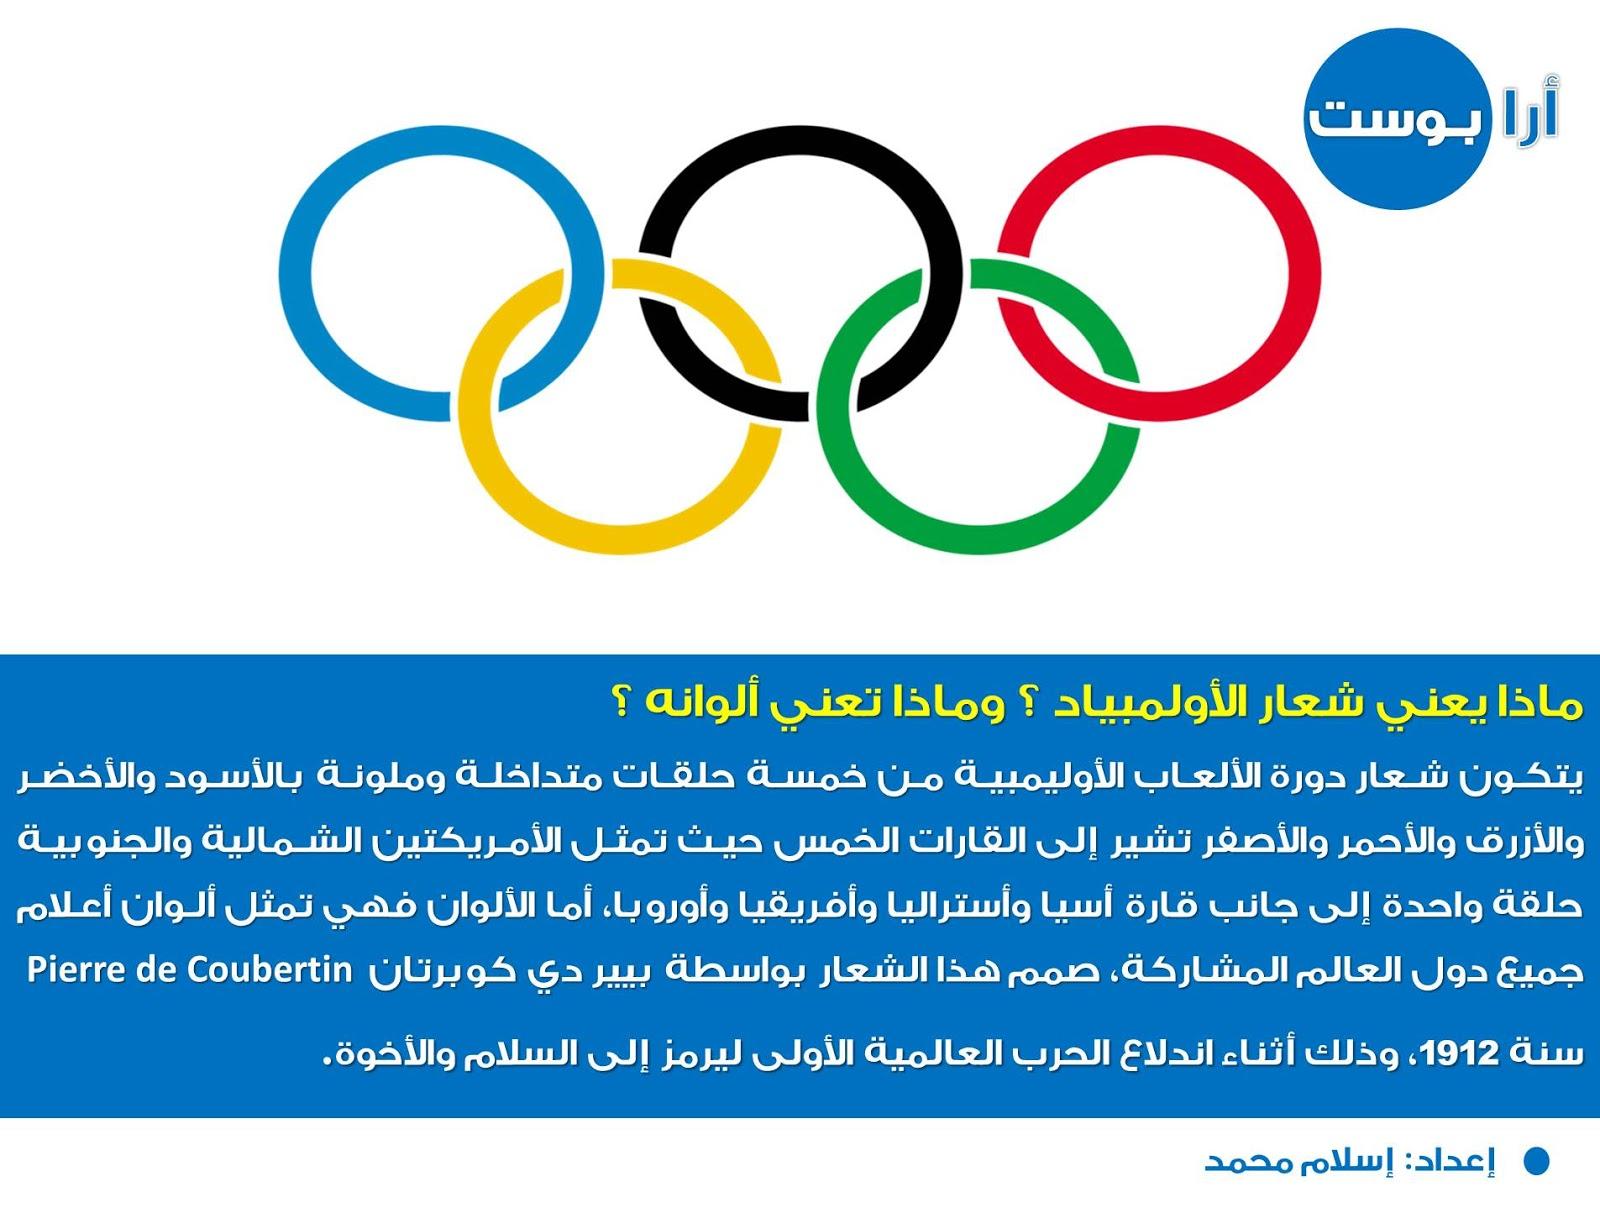 ماذا يعني شعار الأولمبياد ؟ وماذا تعني ألوانه ؟